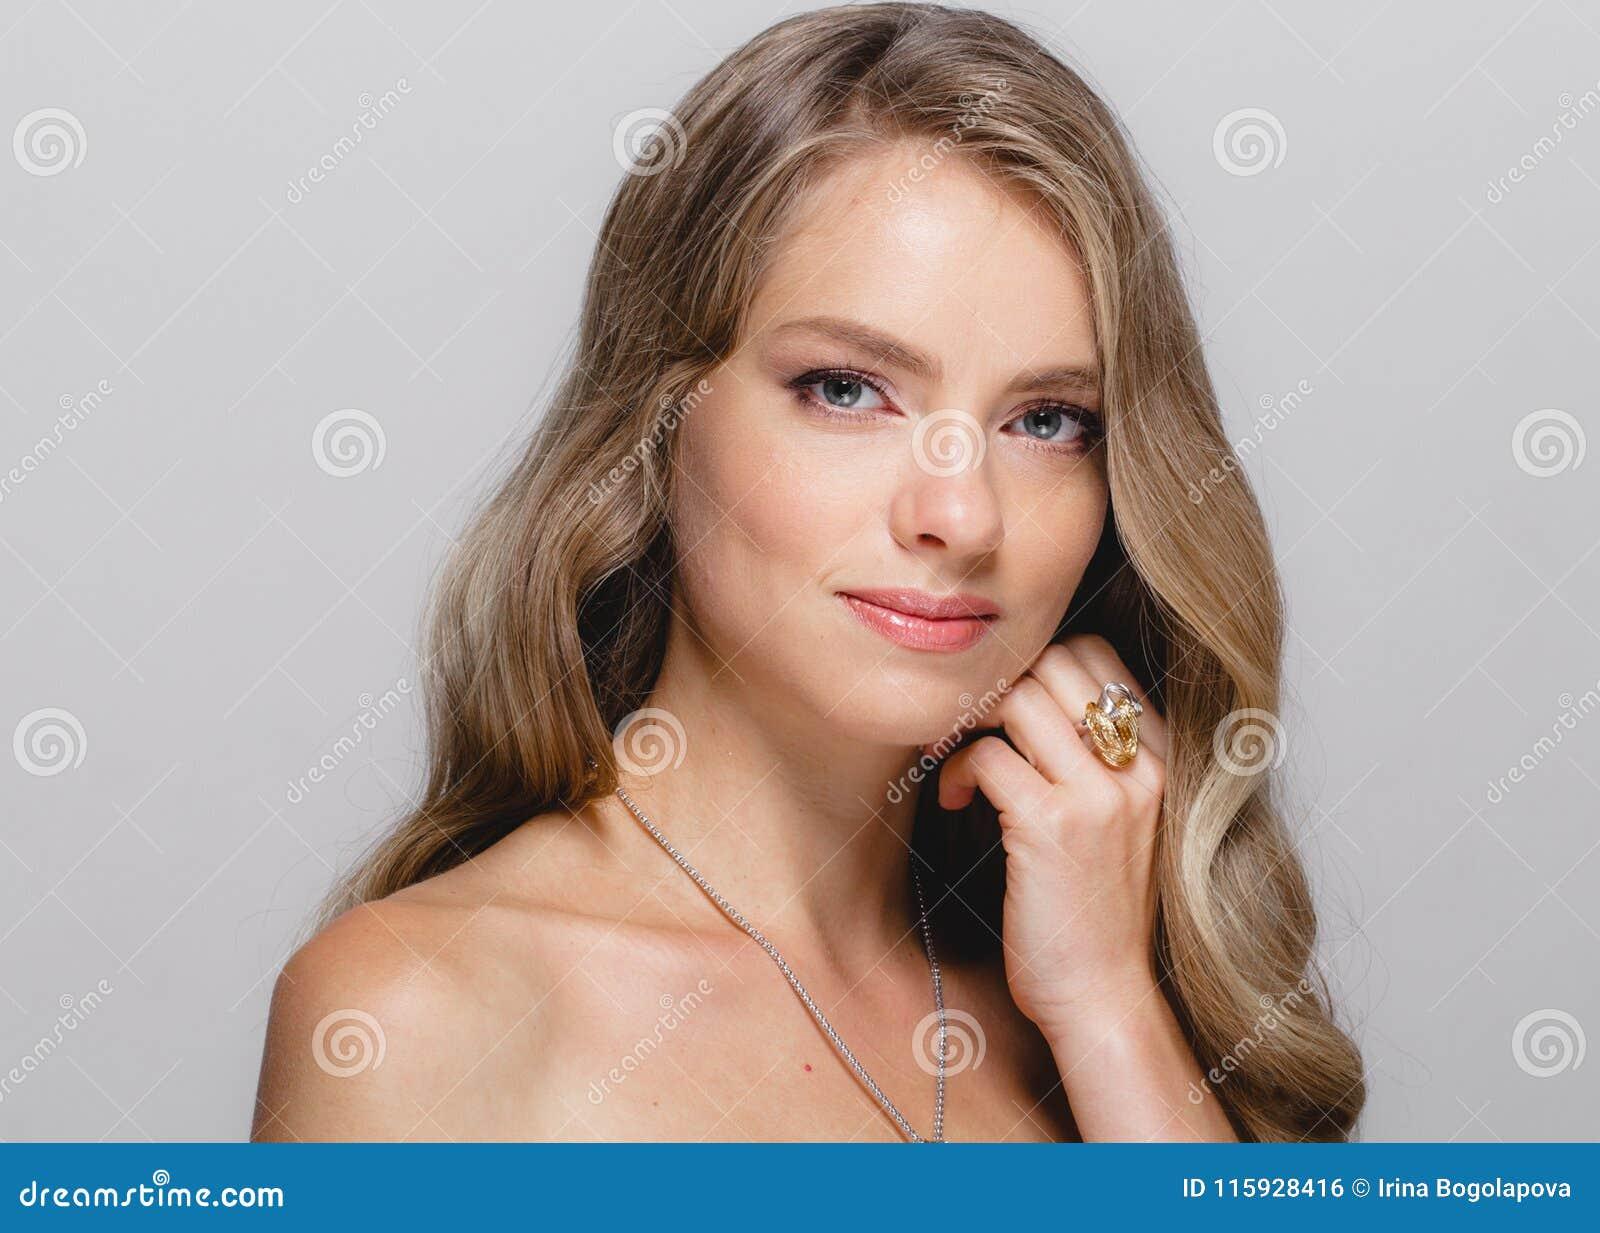 Cara de la belleza de las mujeres Modelo rubio hermoso Girl de la belleza de la mujer con